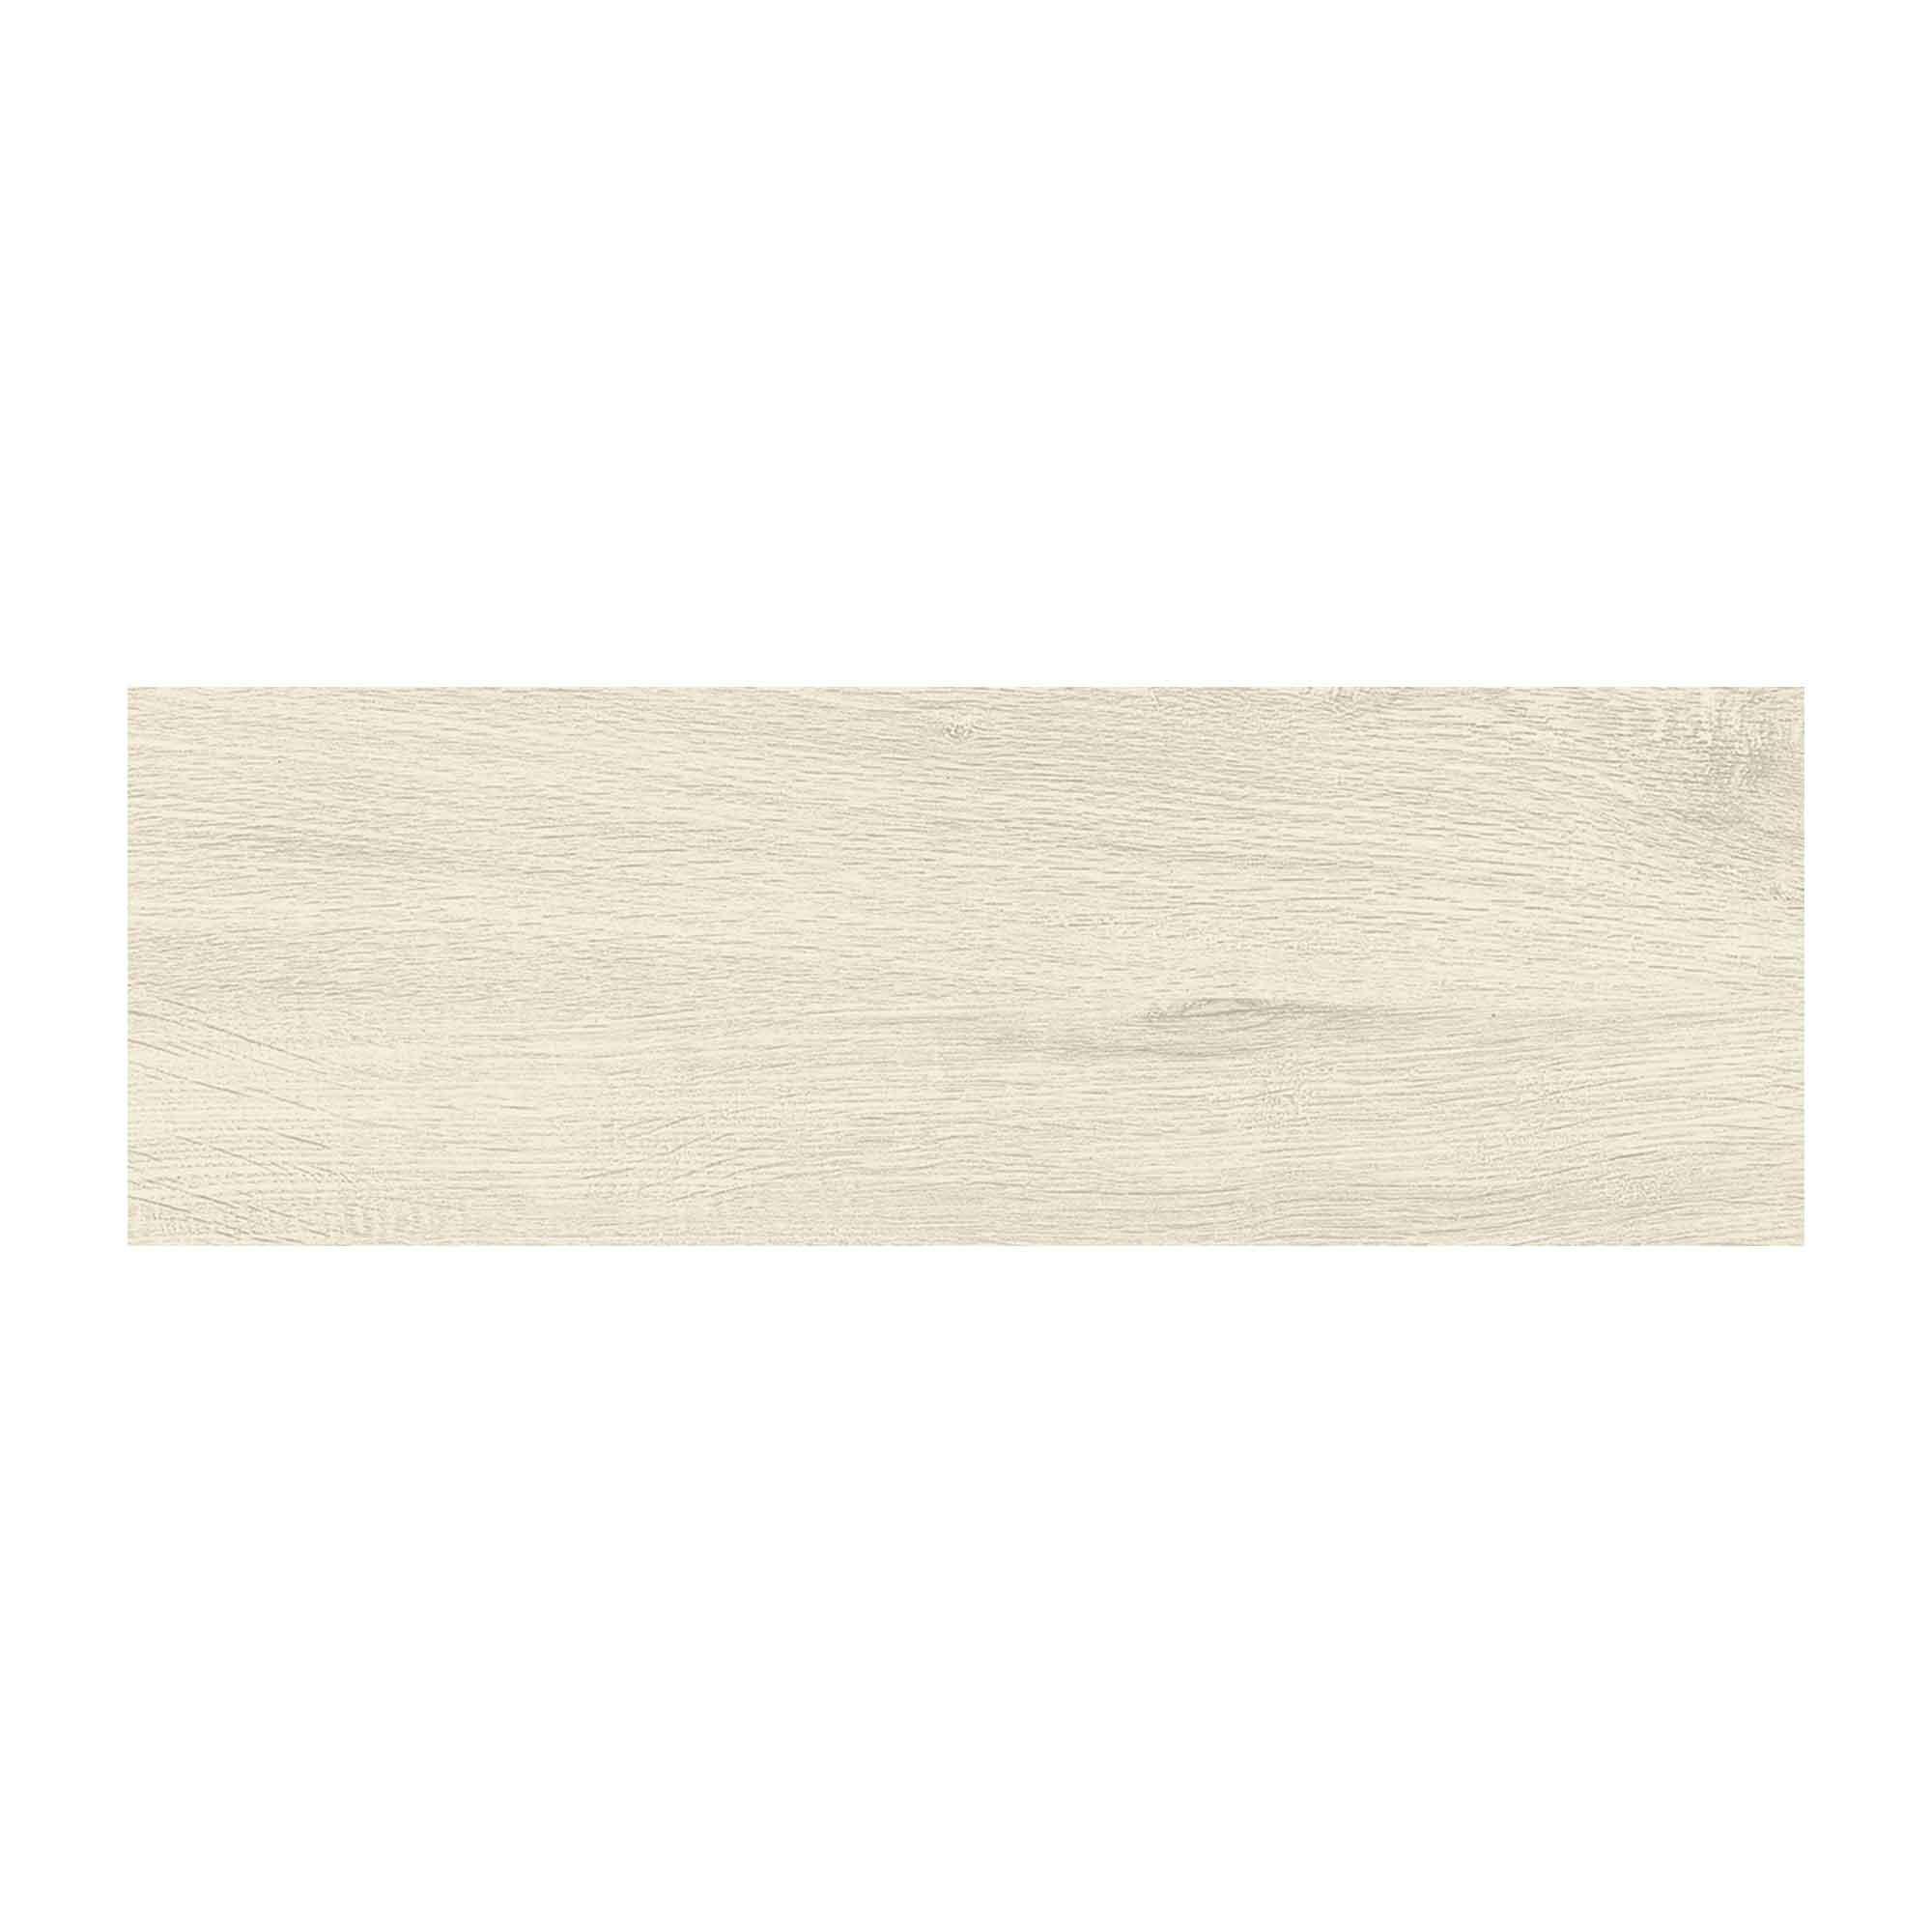 Gresie portelanata Cesarom Canada PEI 5 alb mat structurat, dreptunghiulara, 20 x 60 cm imagine 2021 mathaus